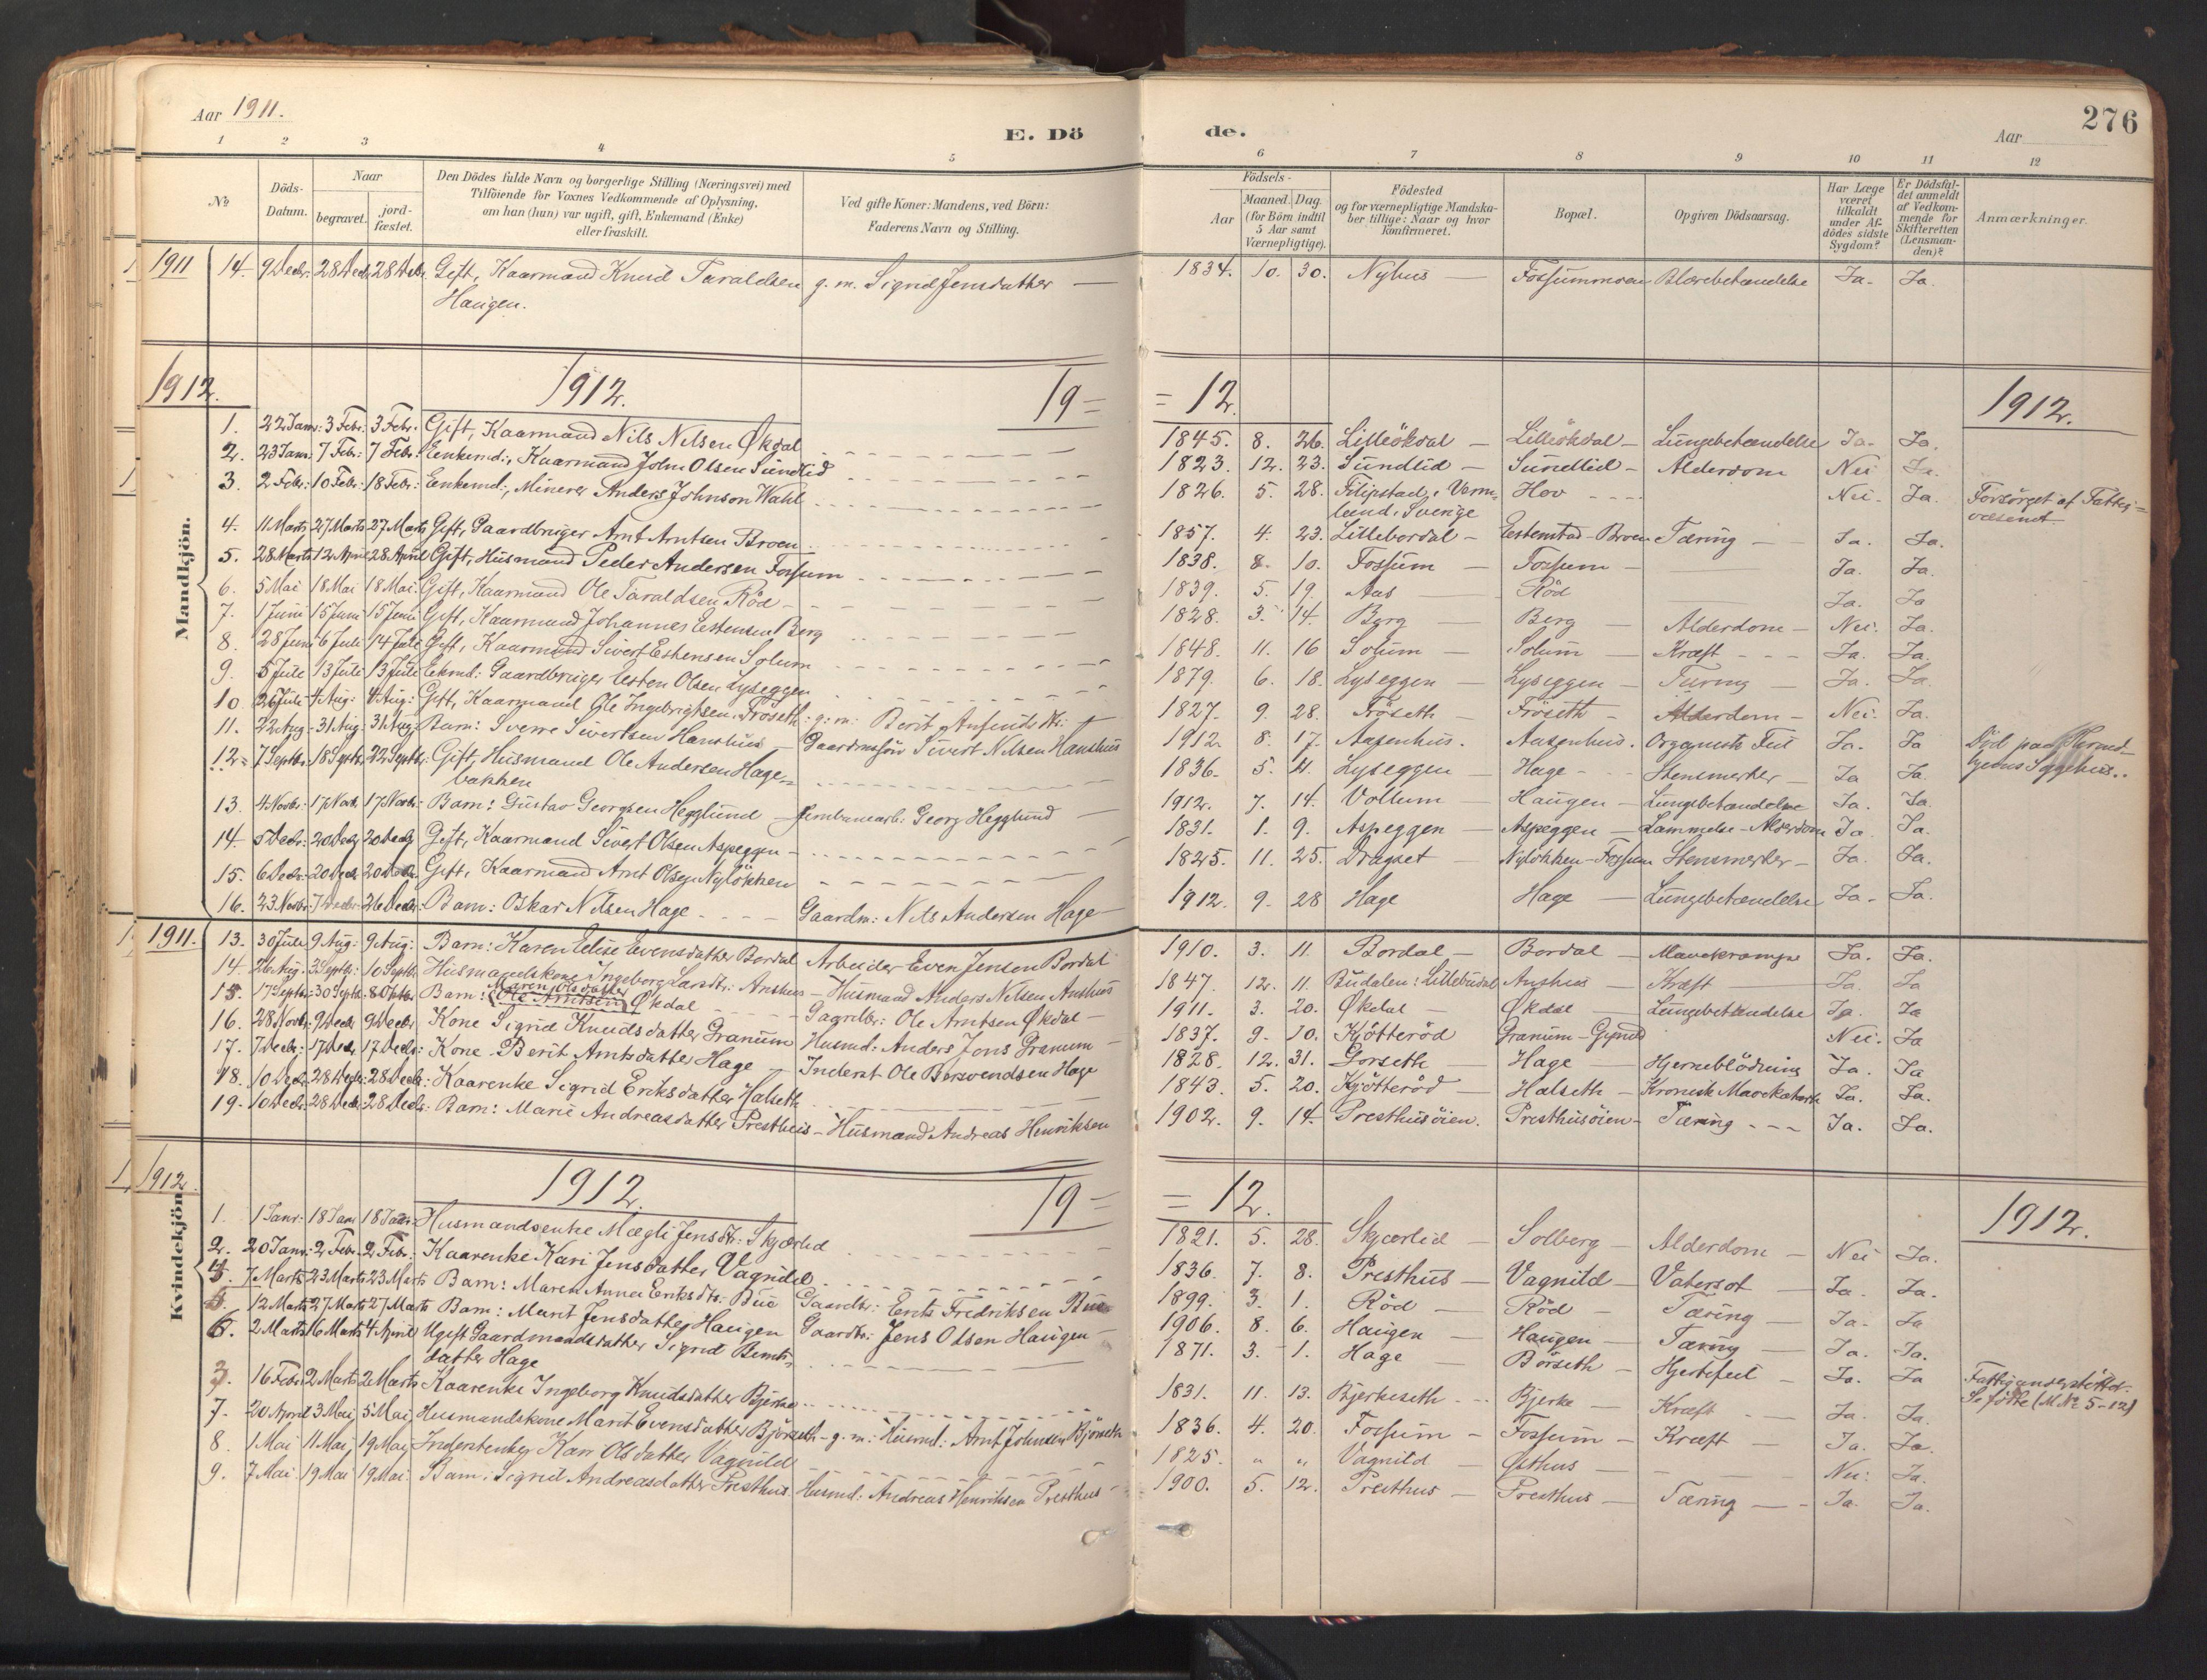 SAT, Ministerialprotokoller, klokkerbøker og fødselsregistre - Sør-Trøndelag, 689/L1041: Ministerialbok nr. 689A06, 1891-1923, s. 276